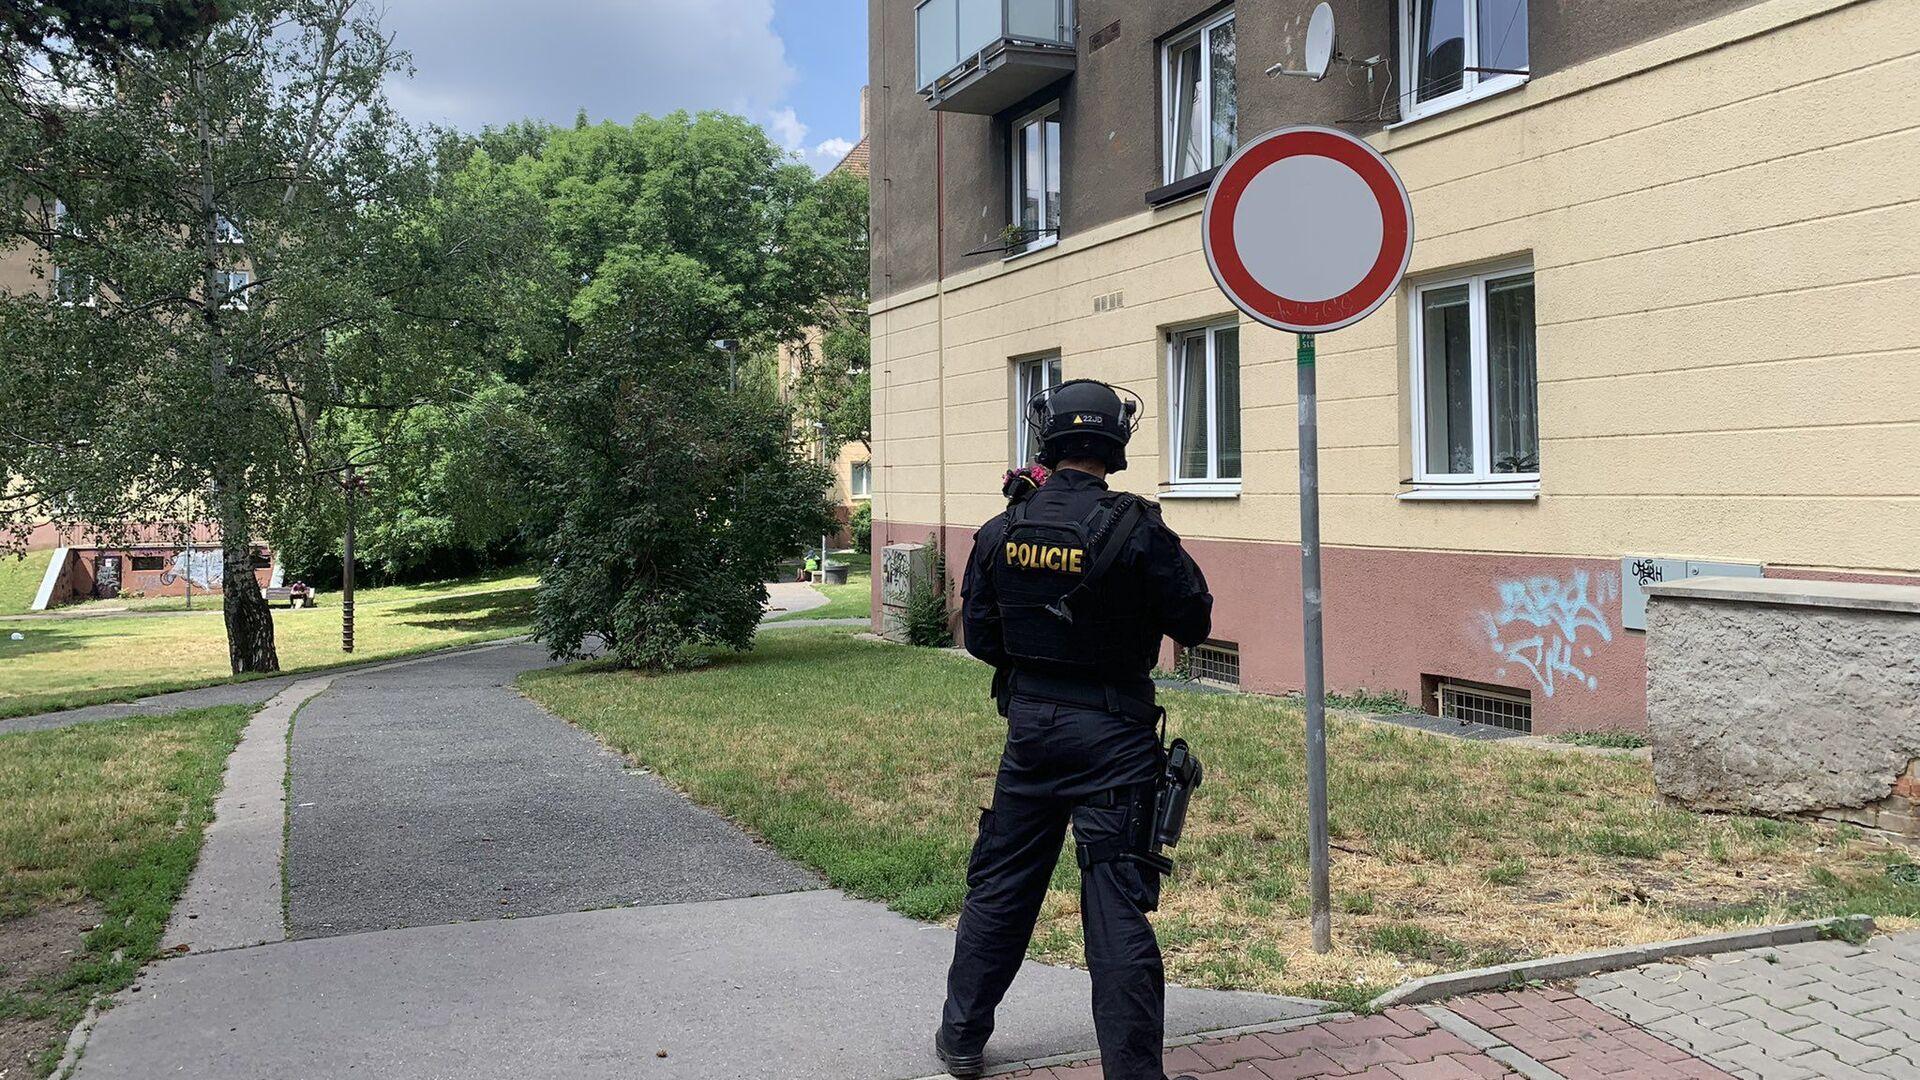 Policista hlídá dům v ulici U Libeňského pivovaru v Praze 8, kde došlo k výbuchu - Sputnik Česká republika, 1920, 26.06.2021